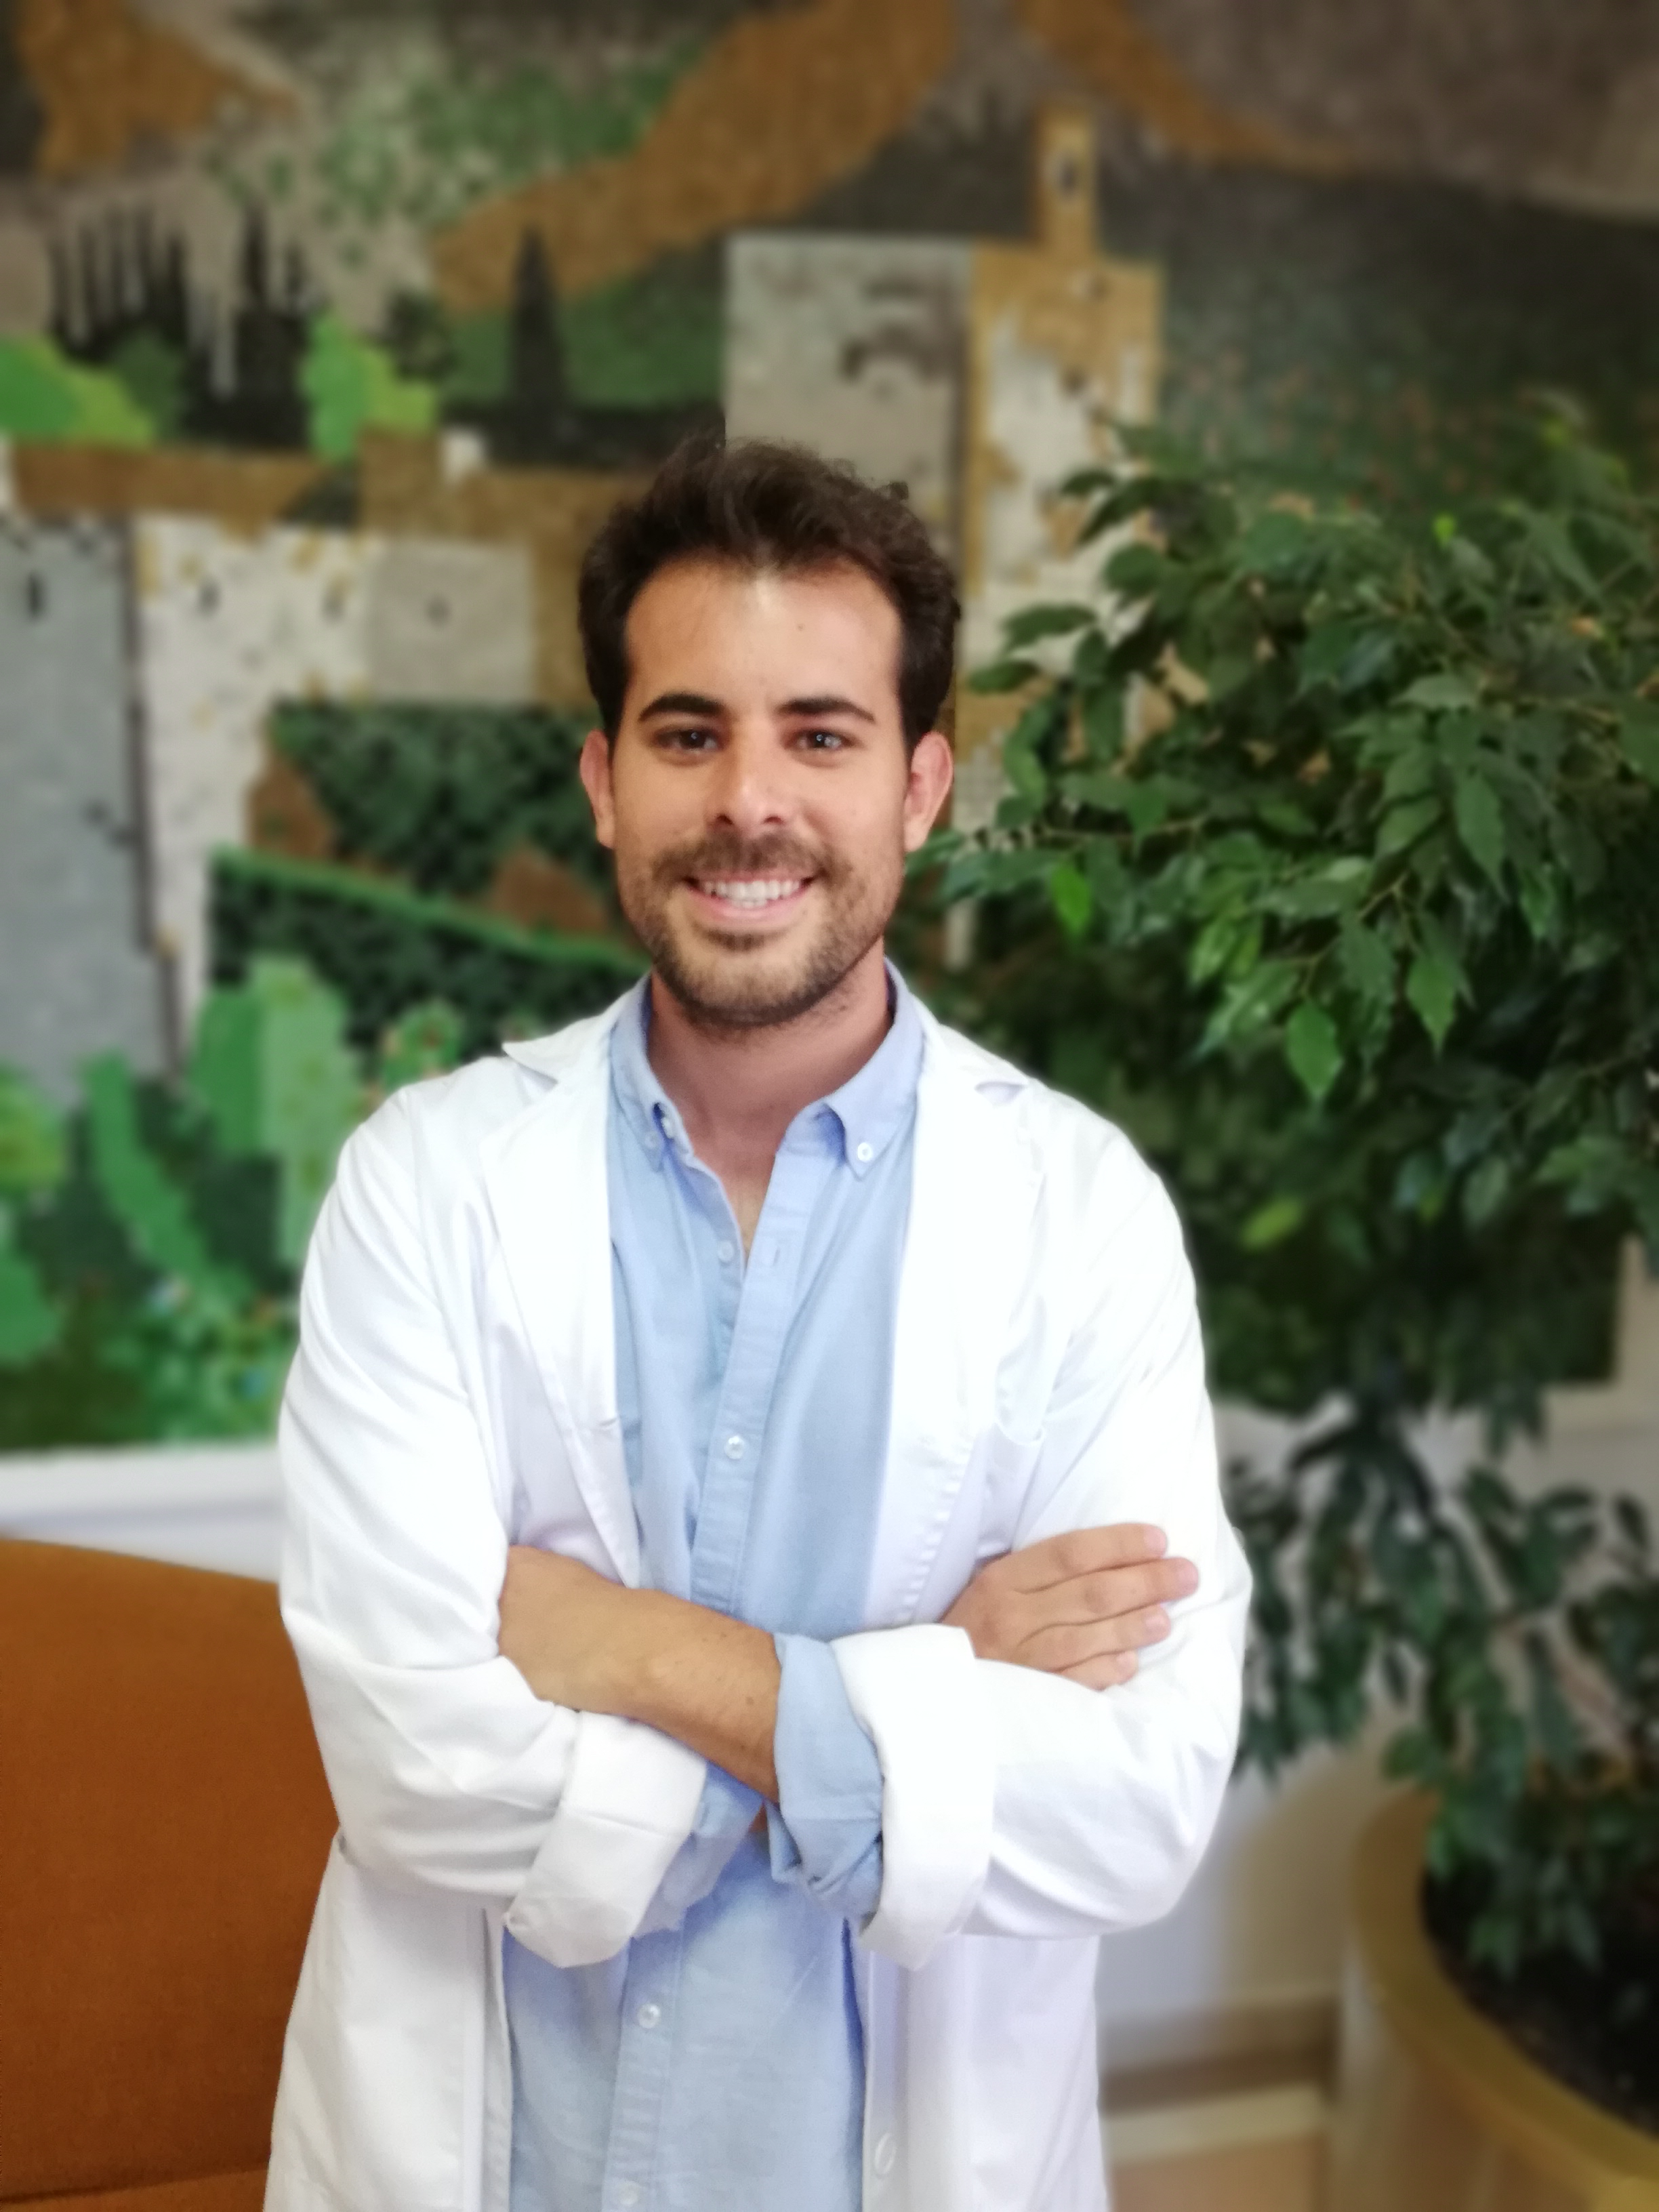 Nuevo Dietista - Nutricionista D. Enrique Fco. Martínez Avecilla.